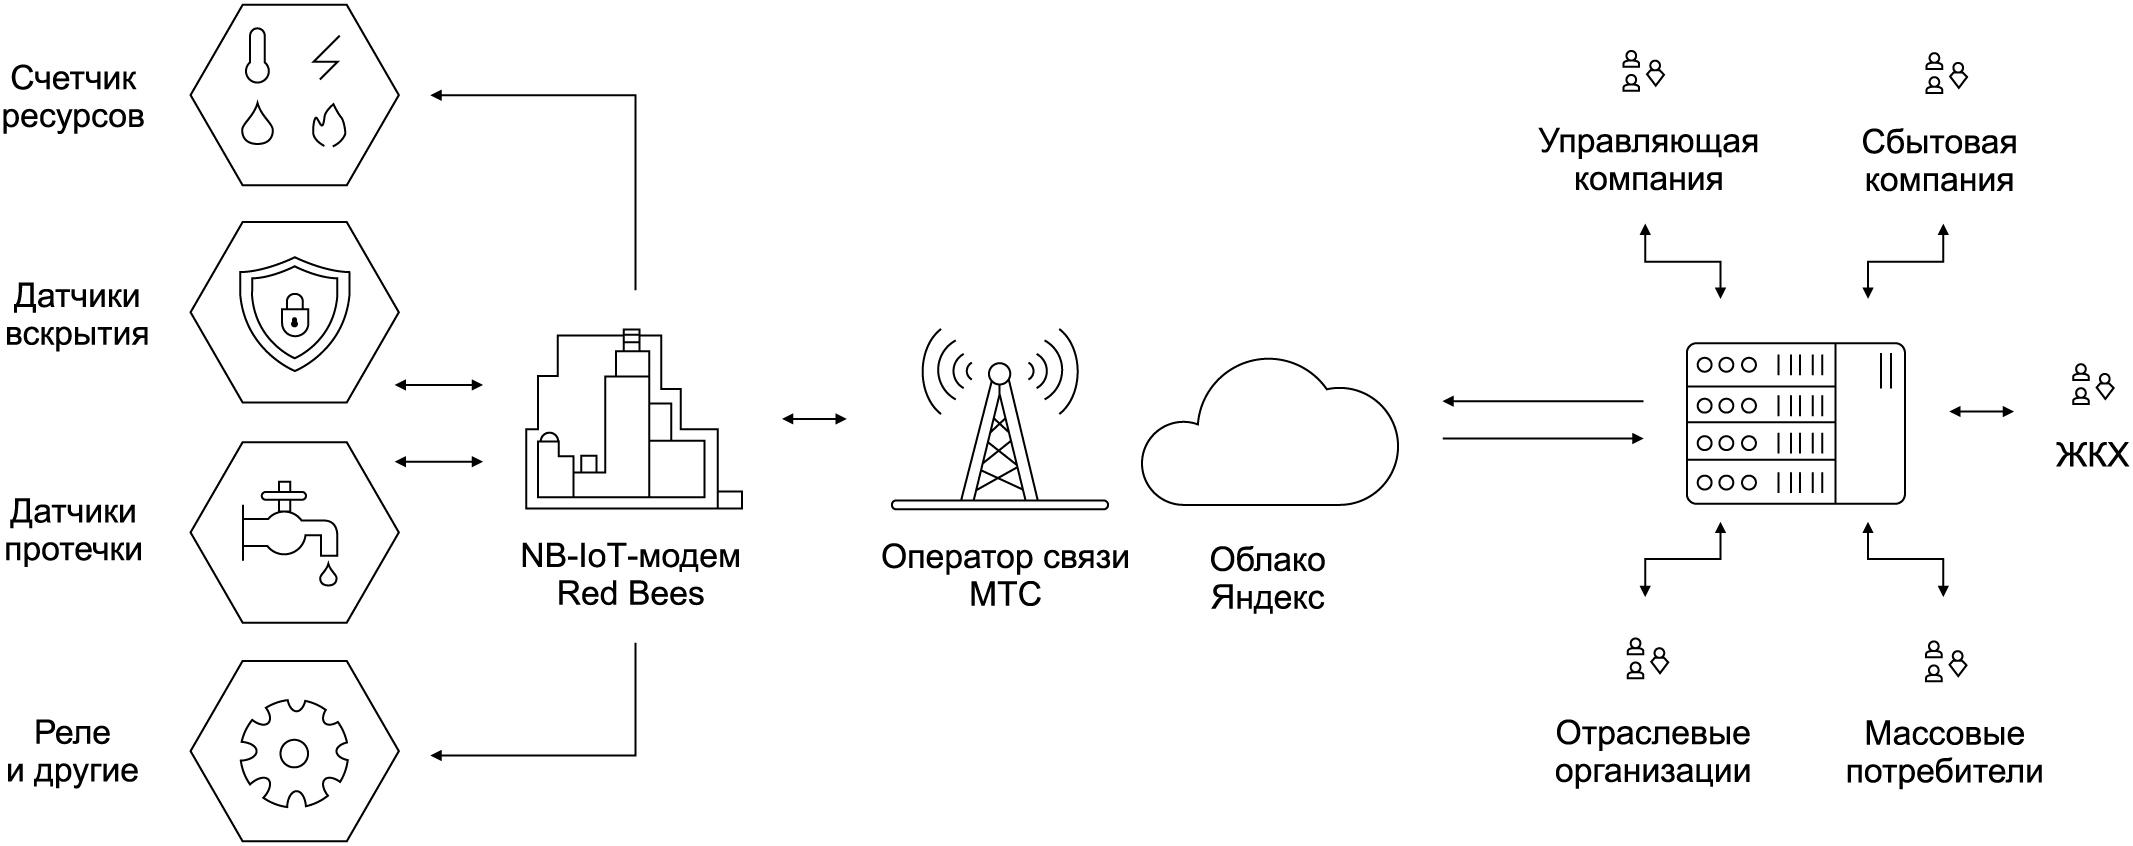 Типовое решение для сбора и передачи данных на базе NB-IoT